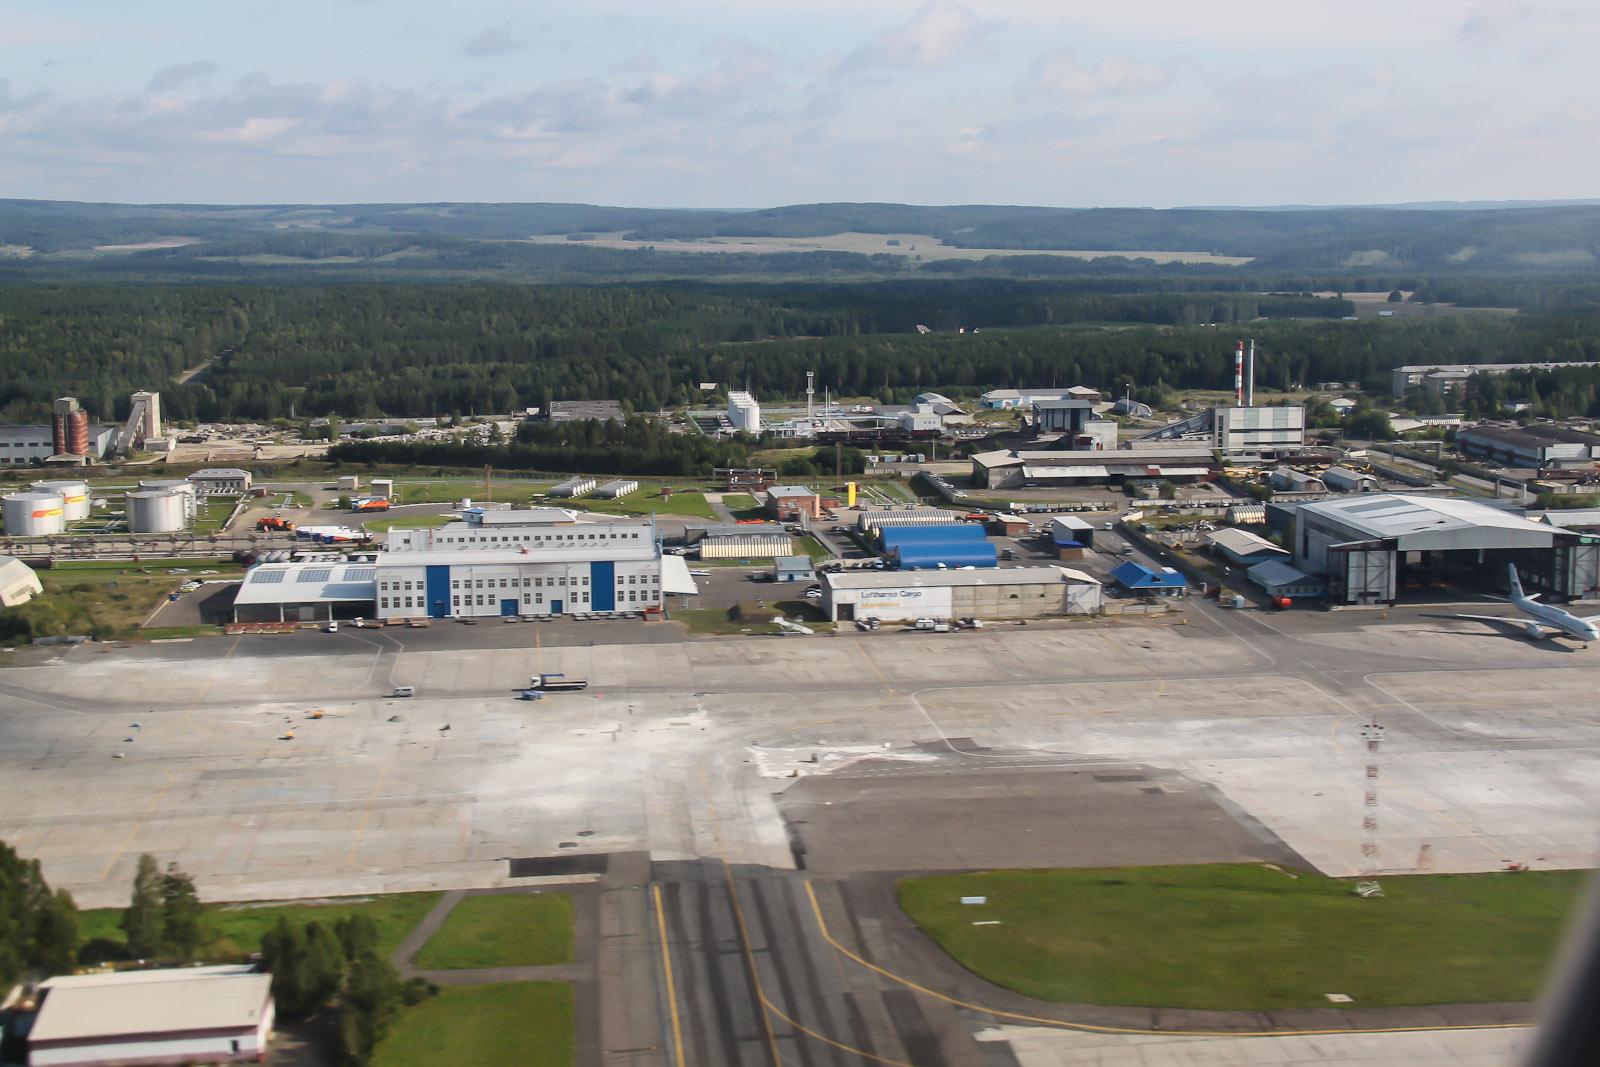 Грузовой склад аэропорта Красноярск Емельяново